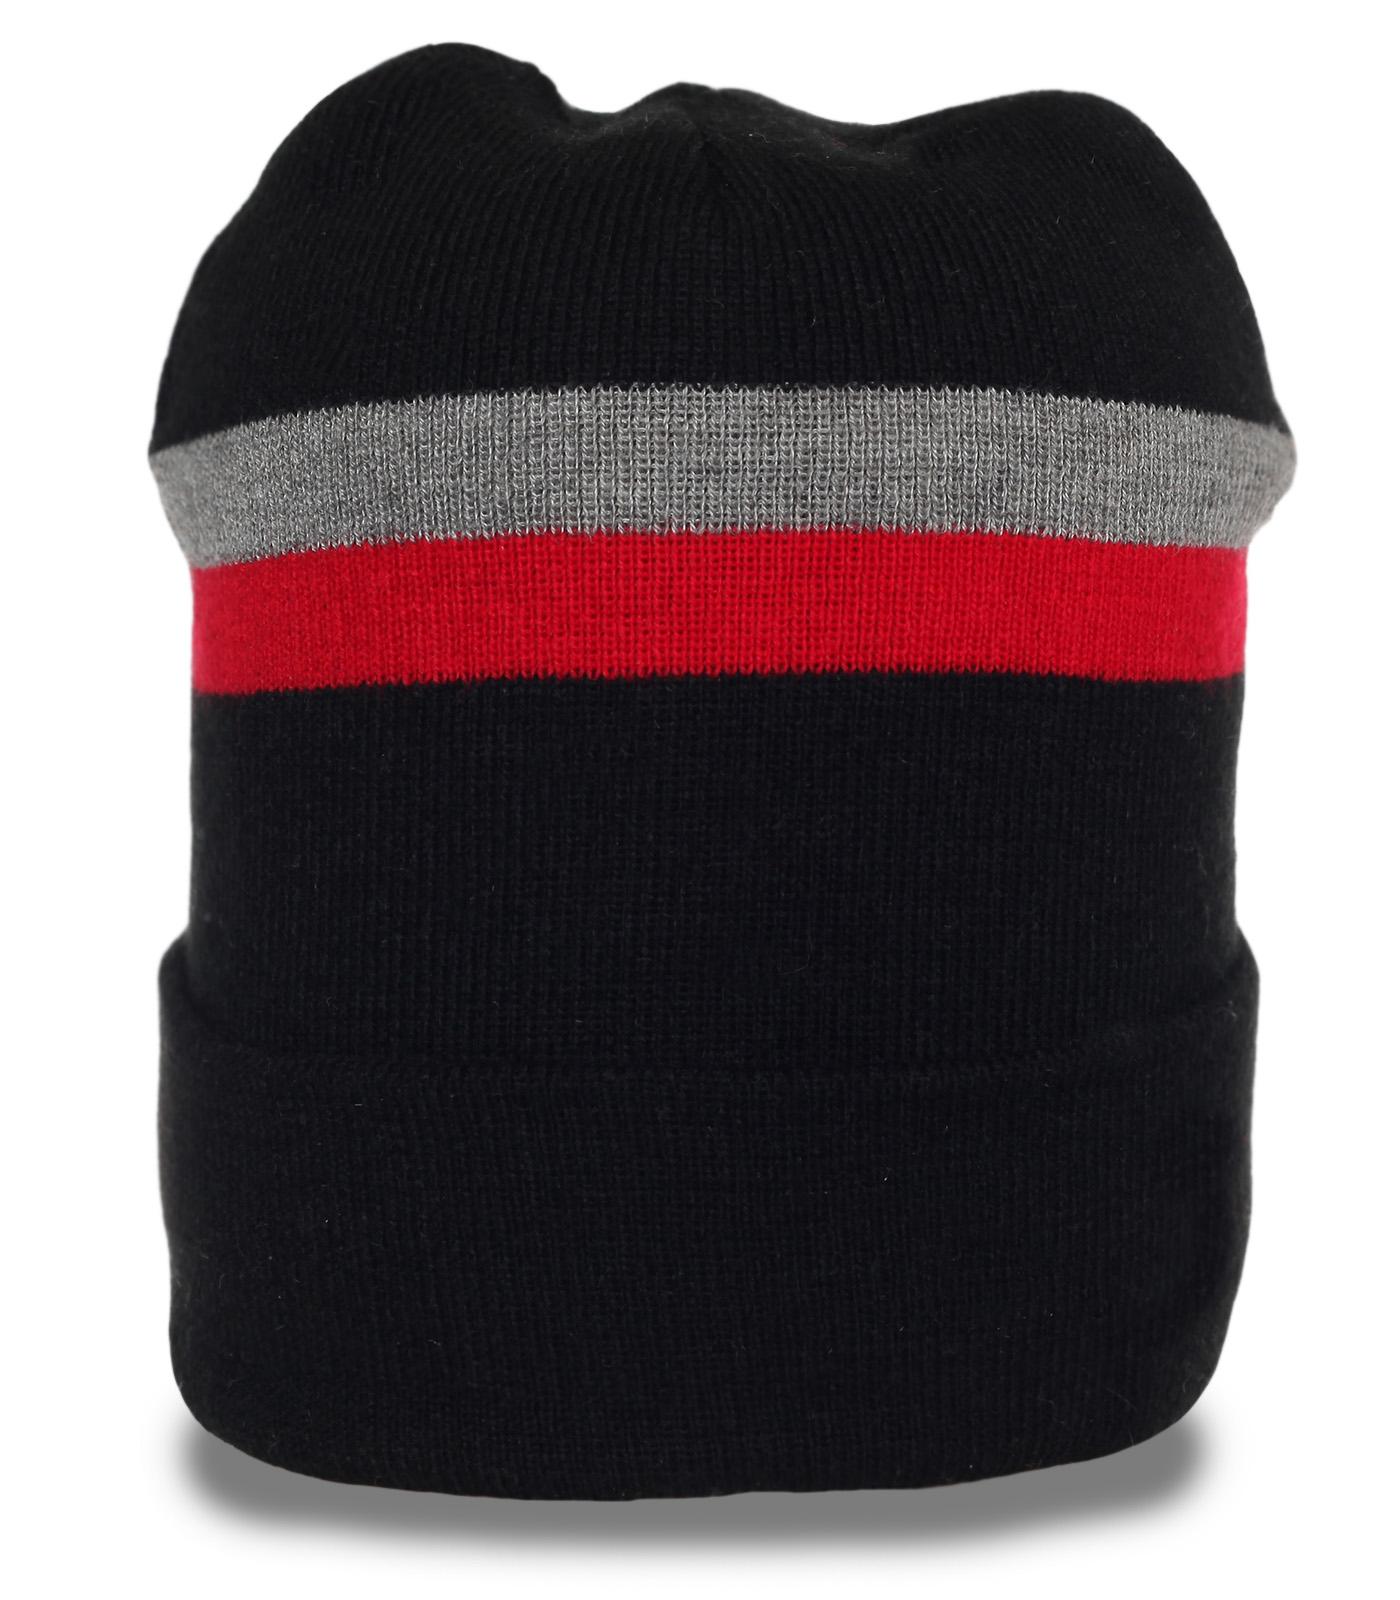 Повседневная мужская шапка в современном дизайне. Практичная модель, в которой удобно и тепло